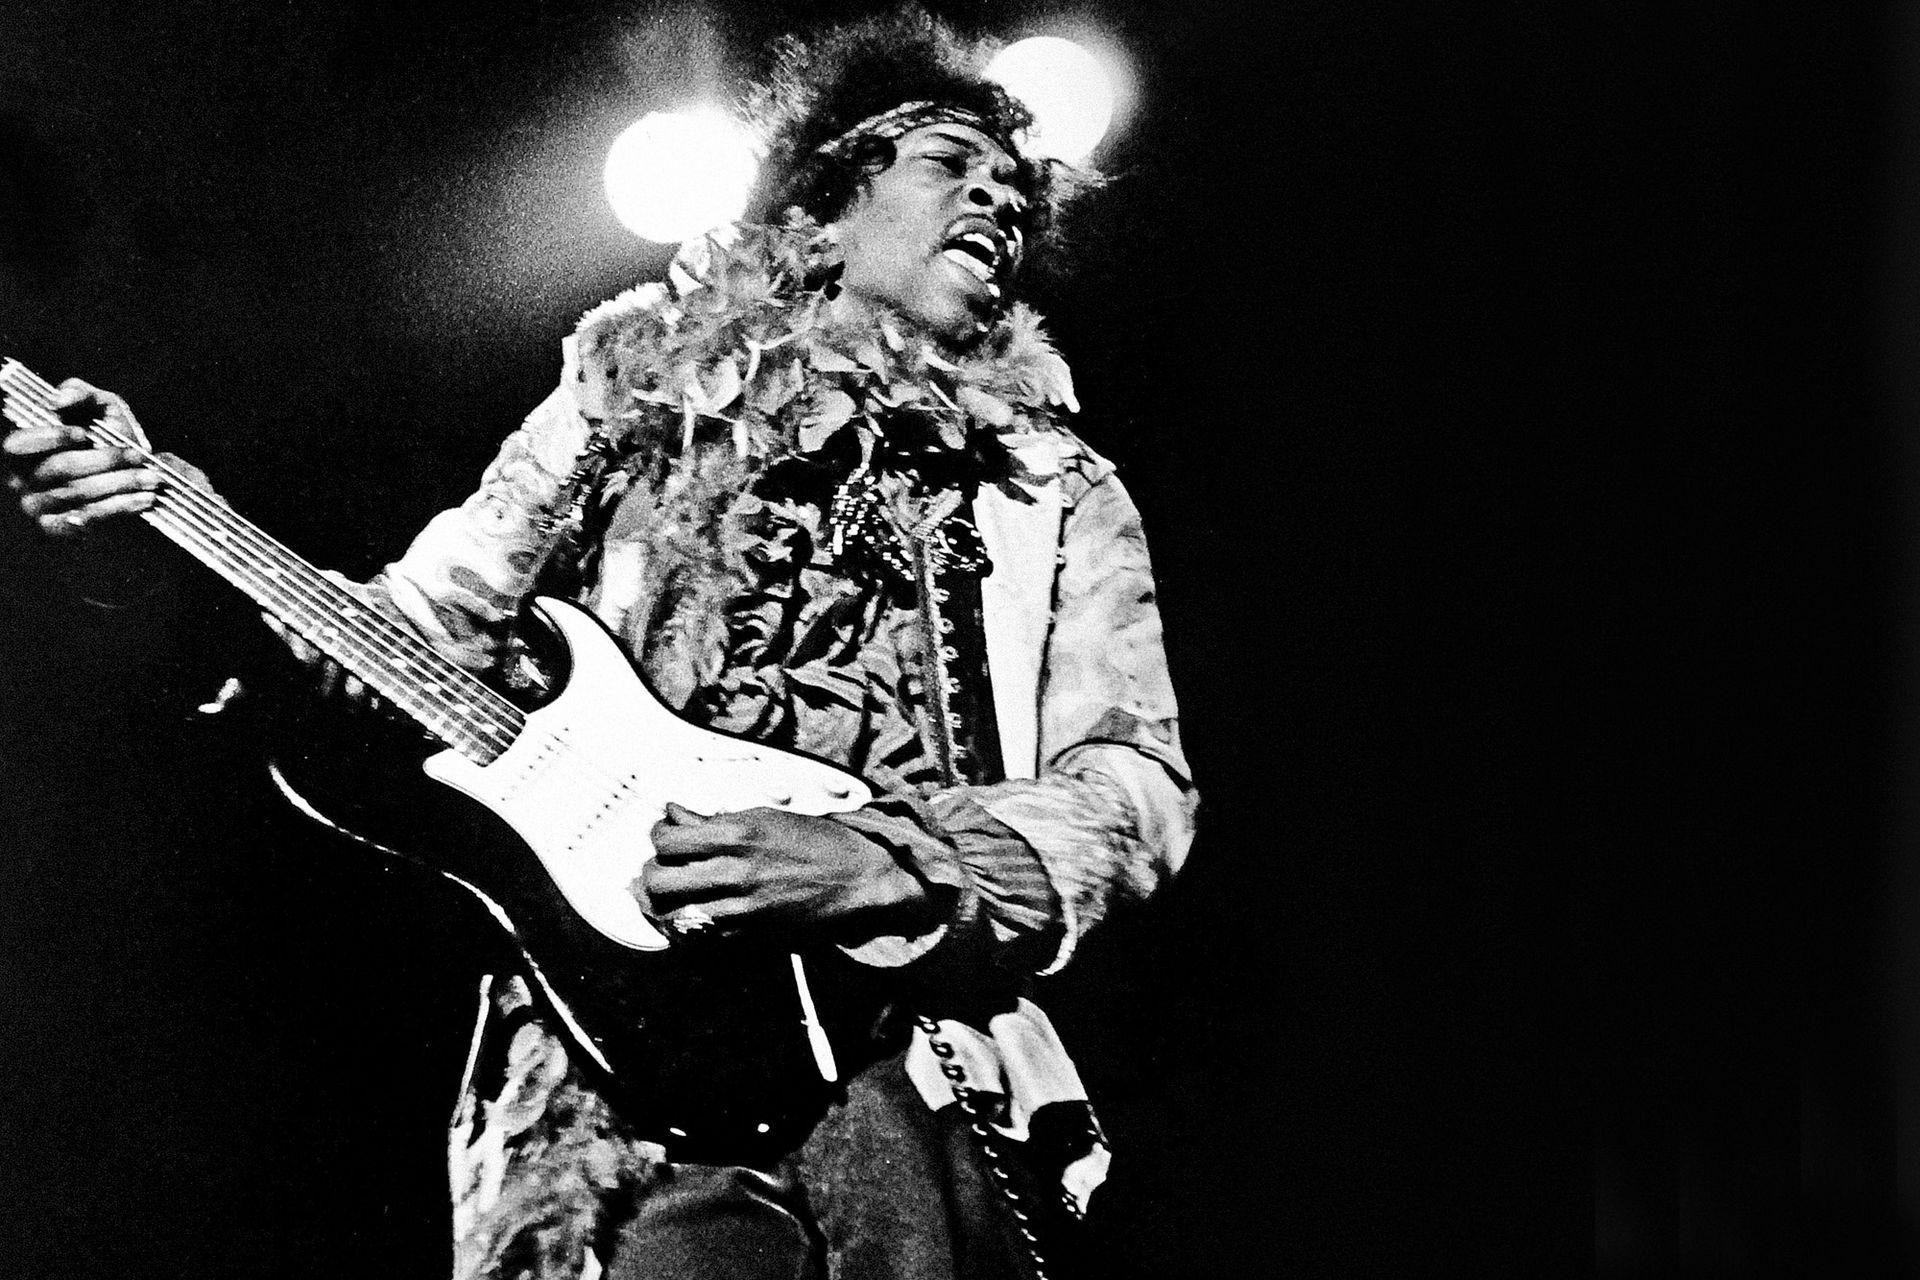 Jimi Hendrix Experience/Gira mundial/1967: El debut de Jimi Hendrix en 1967, Are You Experienced, estableció su genio. Hendrix era una obra maestra. Su dominio del espectáculo se remontaba a su época de acompañante de Little Richard; vestido con ropa radiante y psicodélica, golpeaba el cuello de la